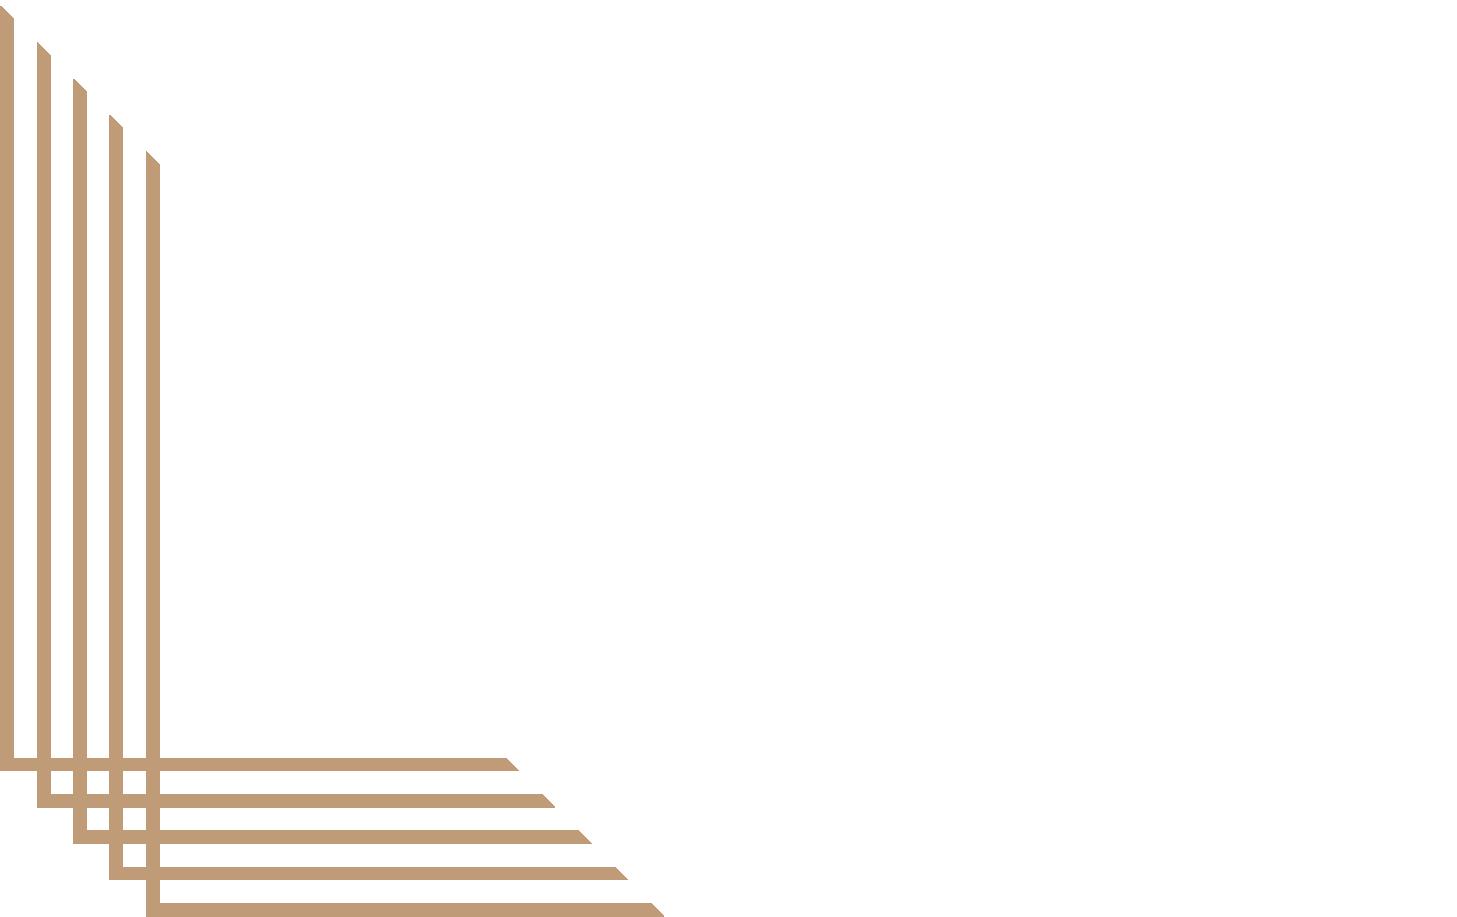 LINÉAIRE-Horizontal